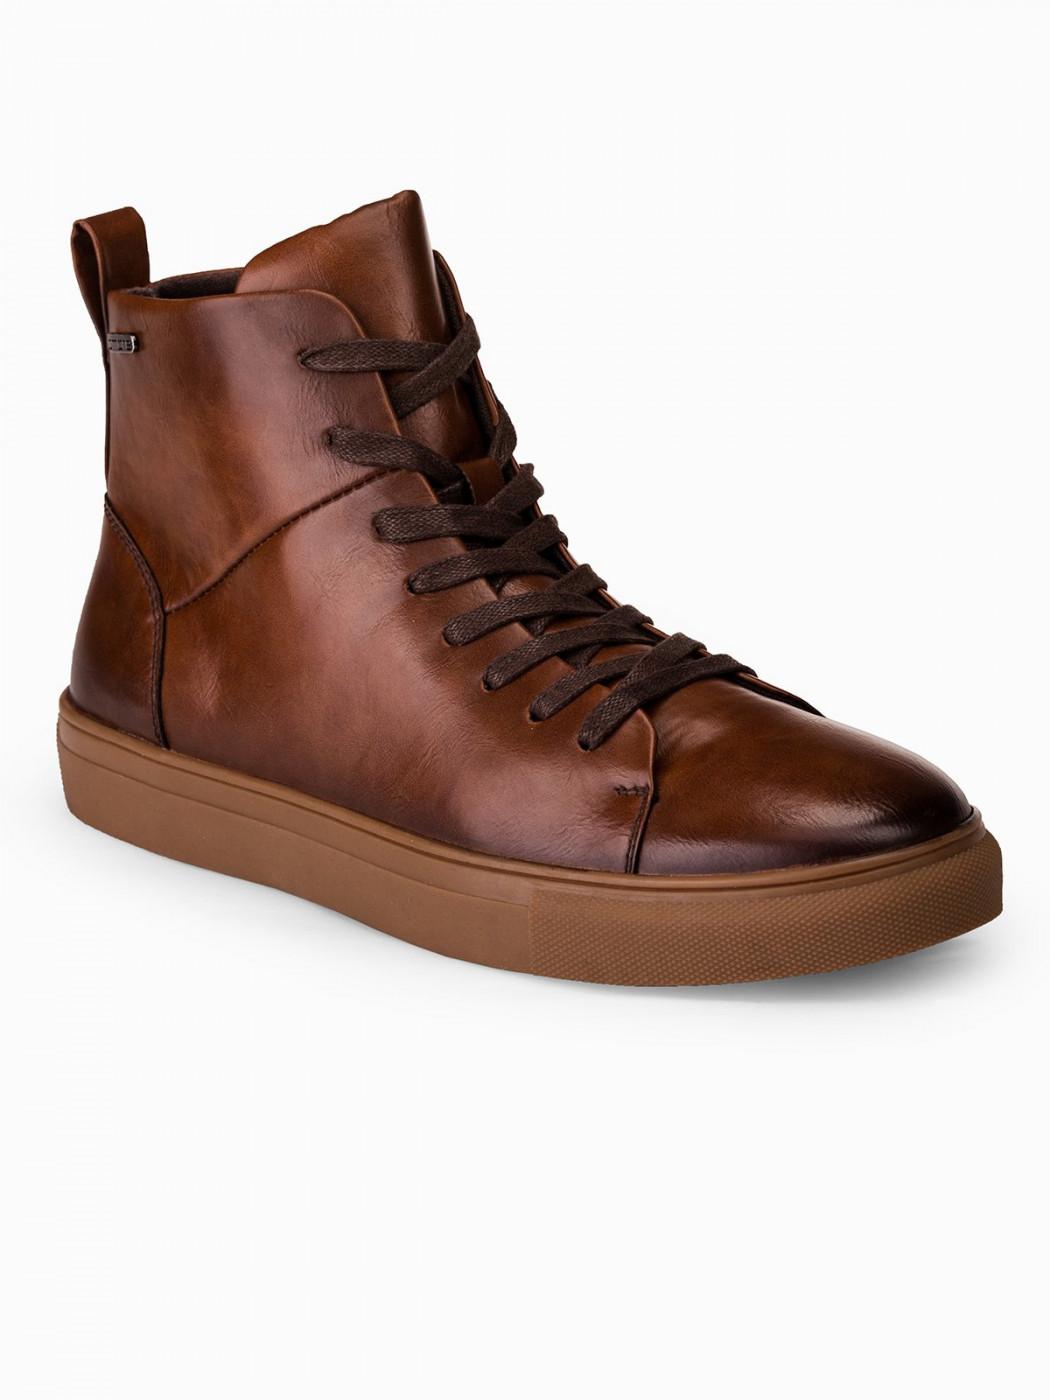 Men's shoes Ombre T322